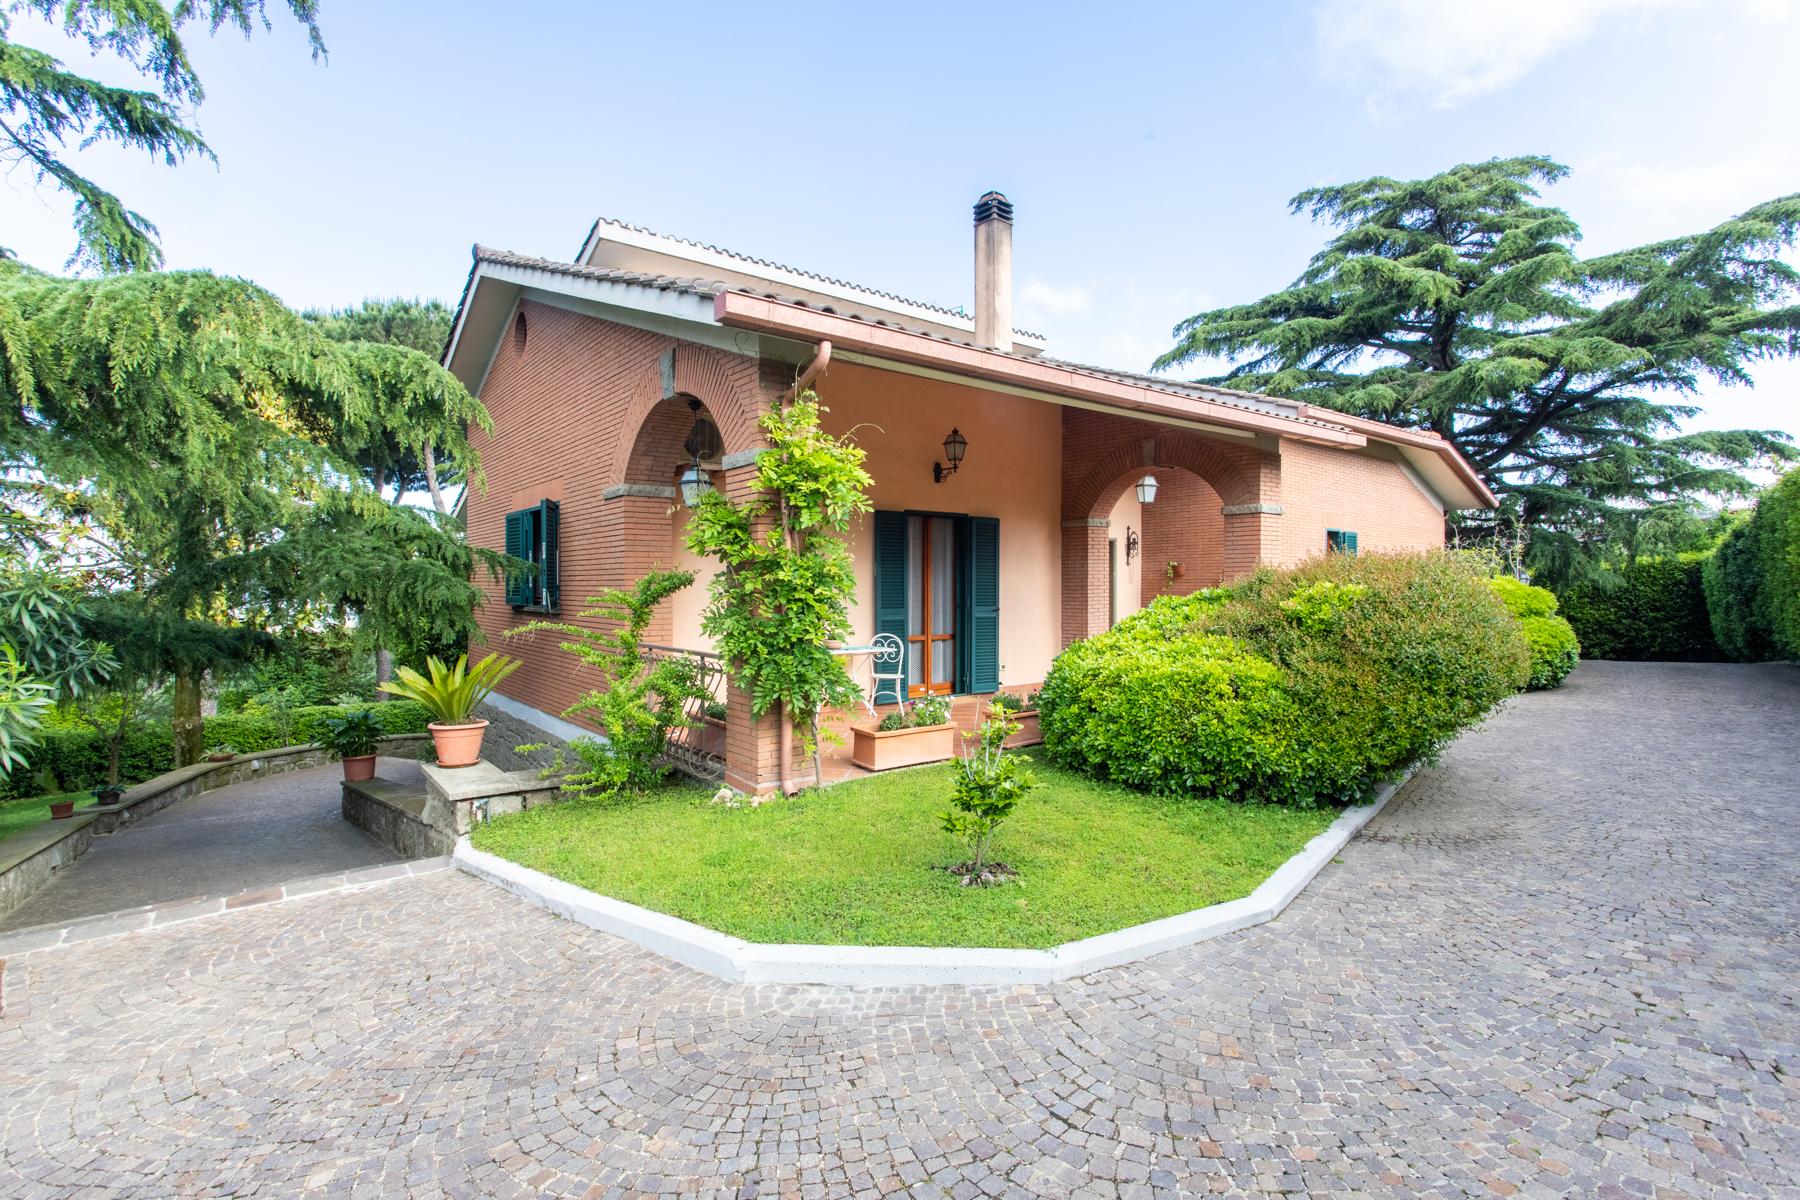 Villa in Vendita a Marino: 5 locali, 350 mq - Foto 1